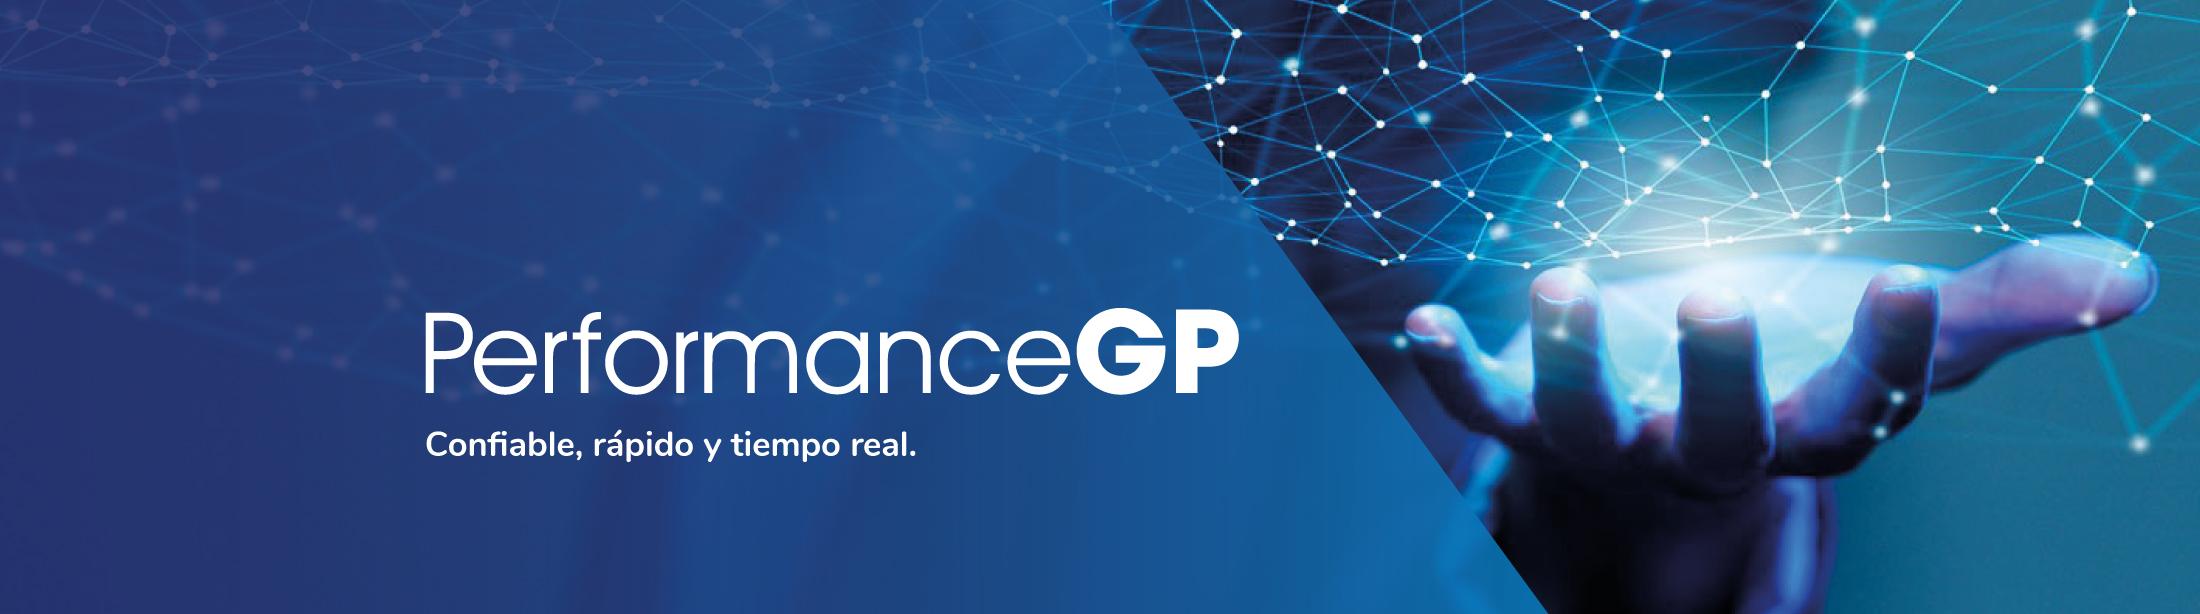 PerformanceGP Confiable, rápido y tiempo real